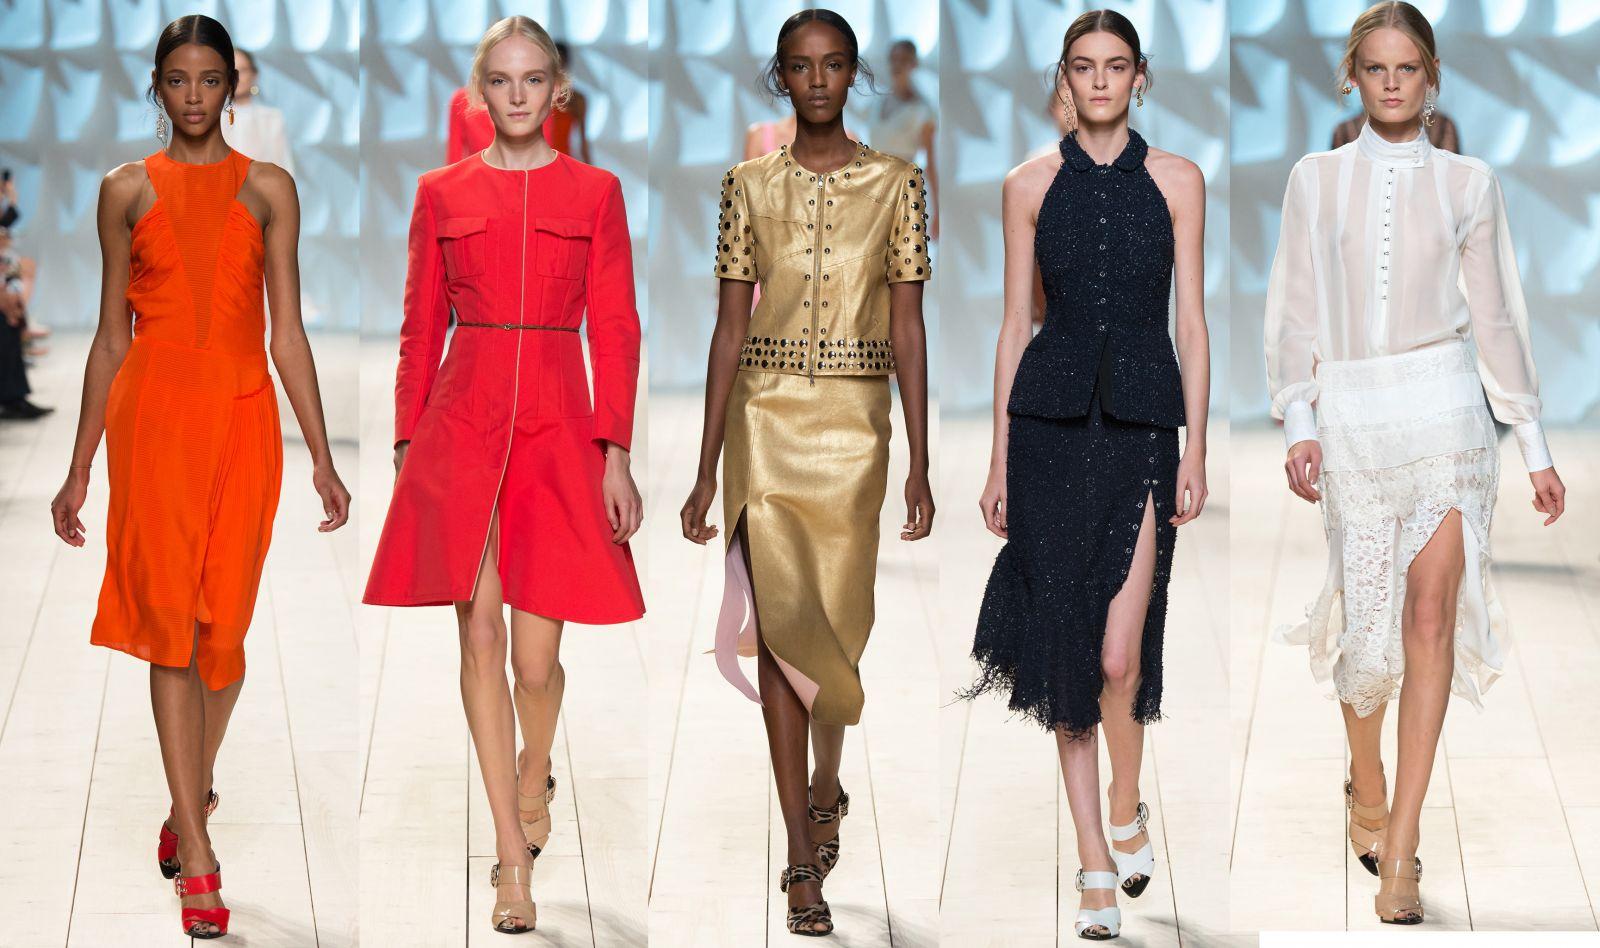 Неделя моды в Париже: Nina Ricci, весна-лето 2015 - фото №1